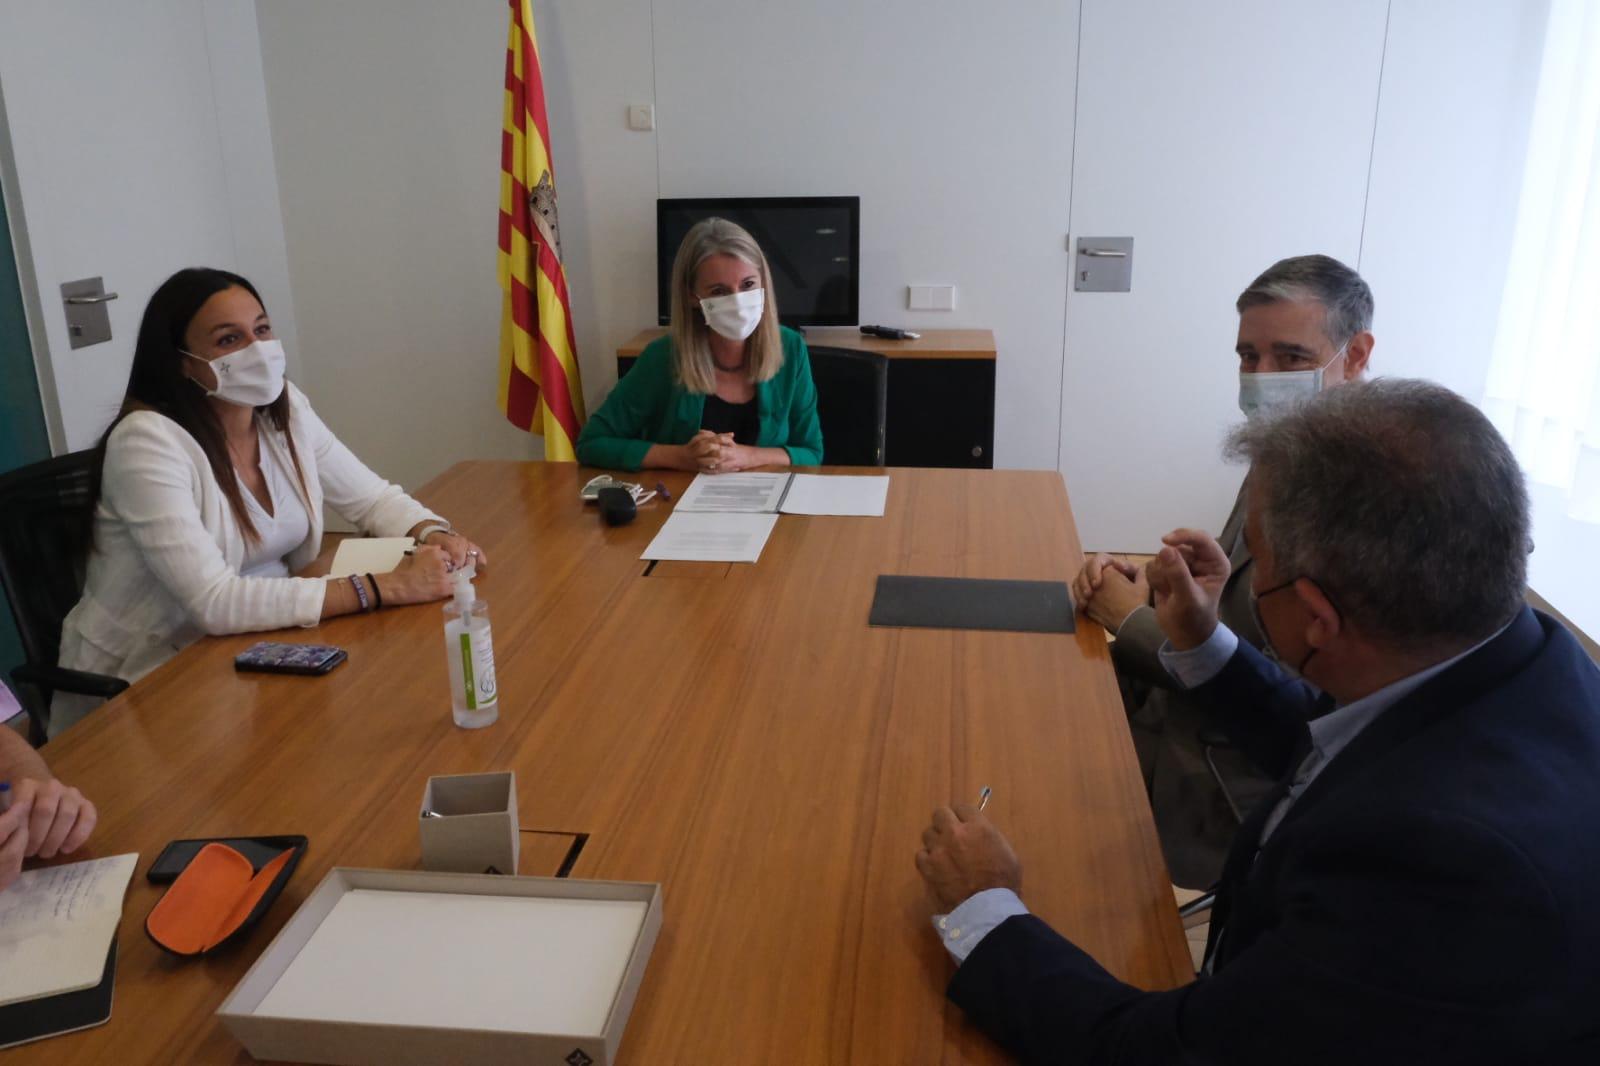 Sant Cugat Empresarial i l'Ajuntament crearan una comissió de treball per acordar estratègies conjuntes per promocionar i facilitar la implantació d'empreses a la ciutat